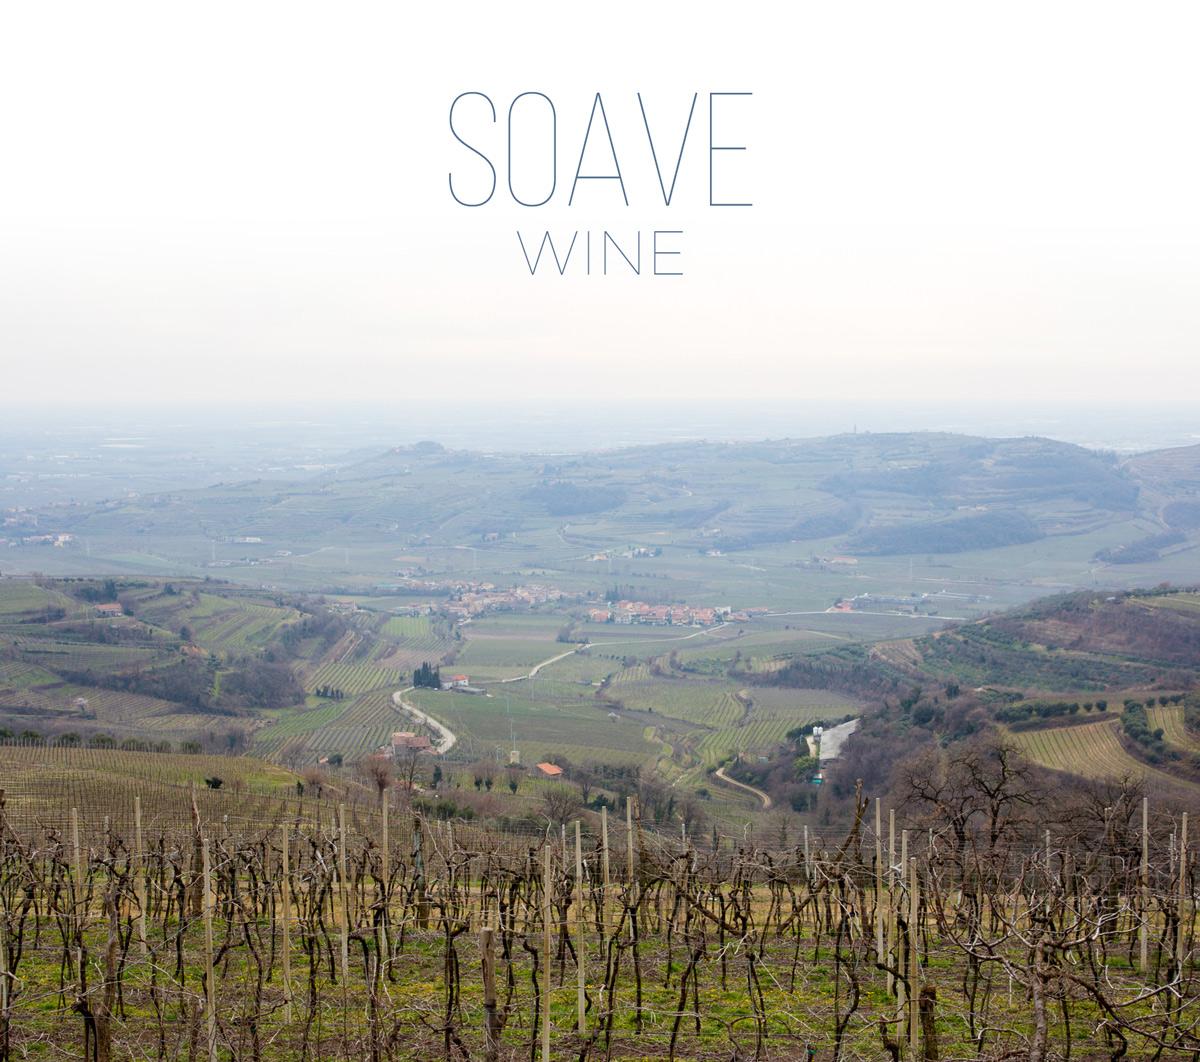 Vùng rượu vang Soave